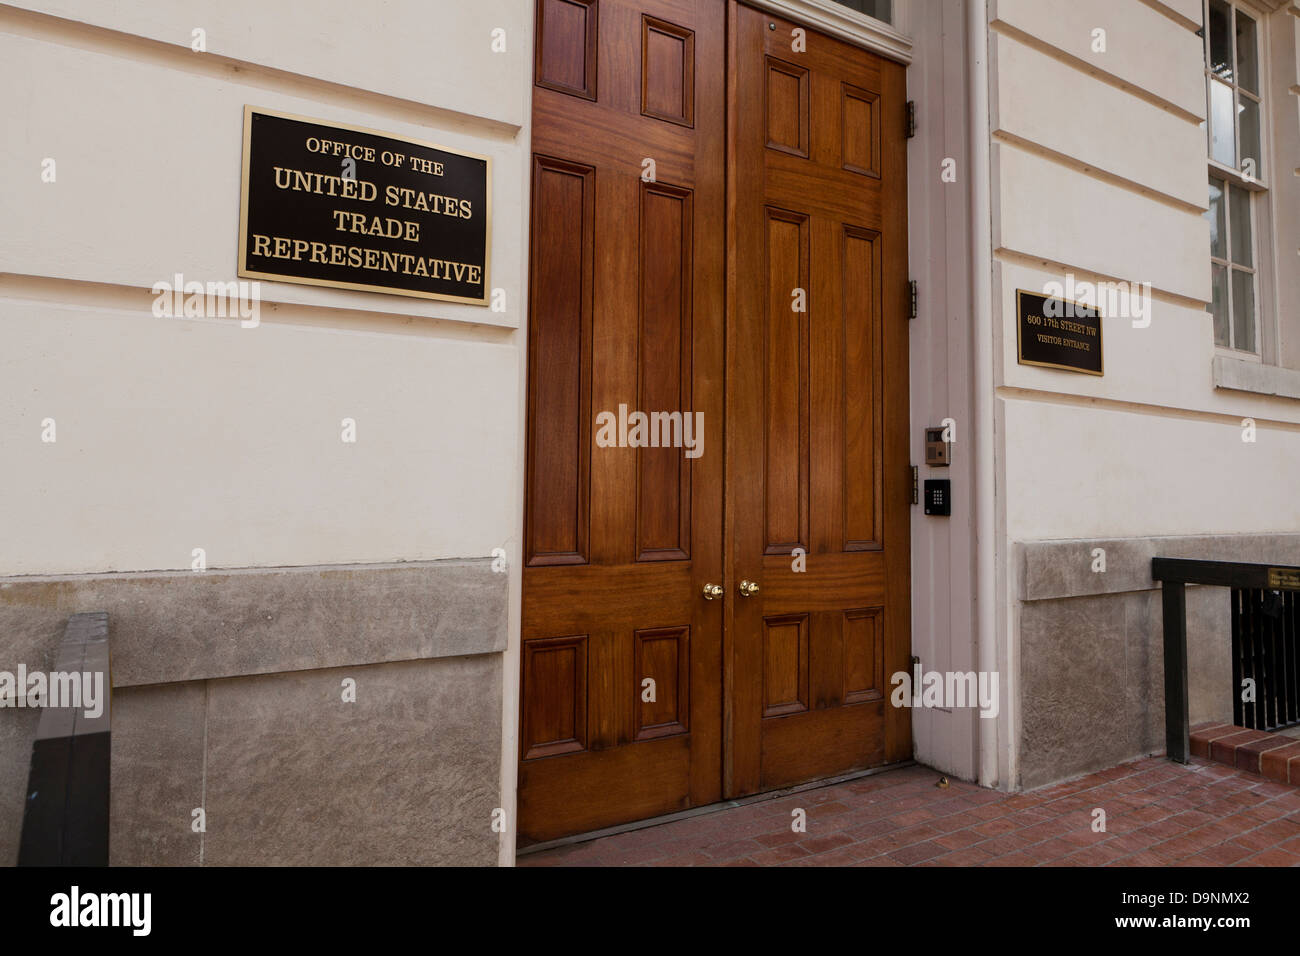 Rappresentante del commercio degli Stati Uniti ufficio - Washington DC, Stati Uniti d'America Immagini Stock